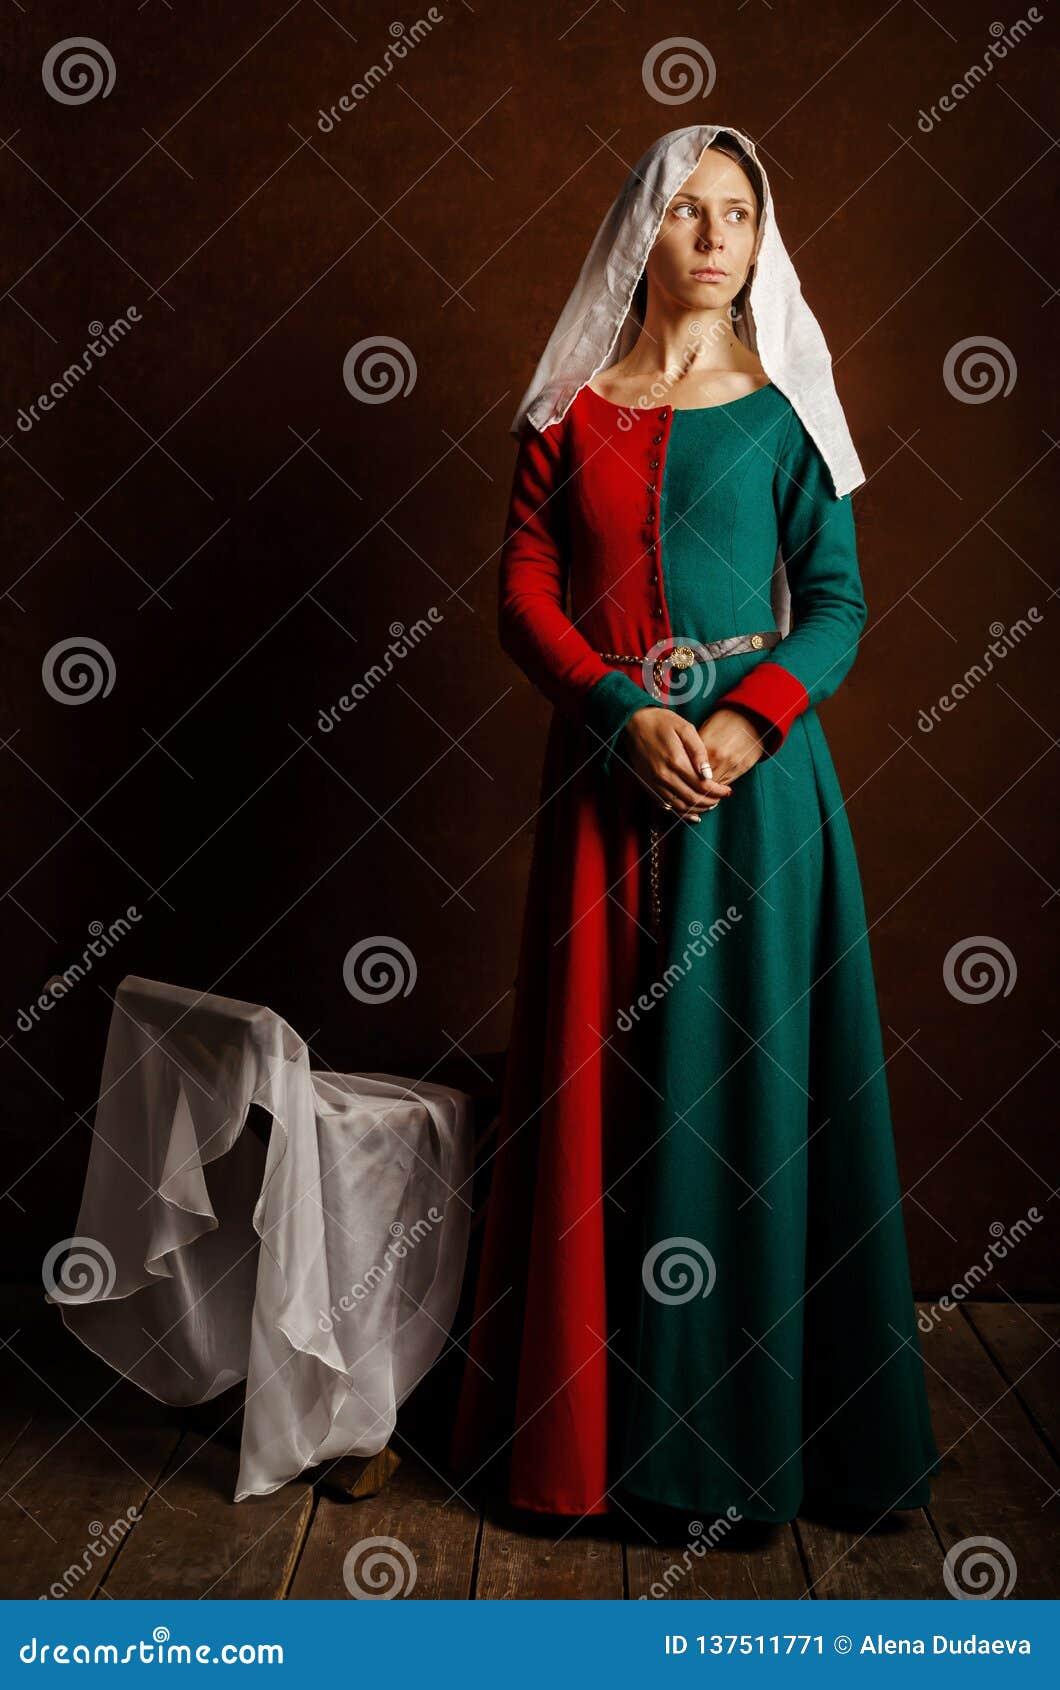 Retrato de una muchacha hermosa en un vestido medieval en rojo y verde en un fondo marrón